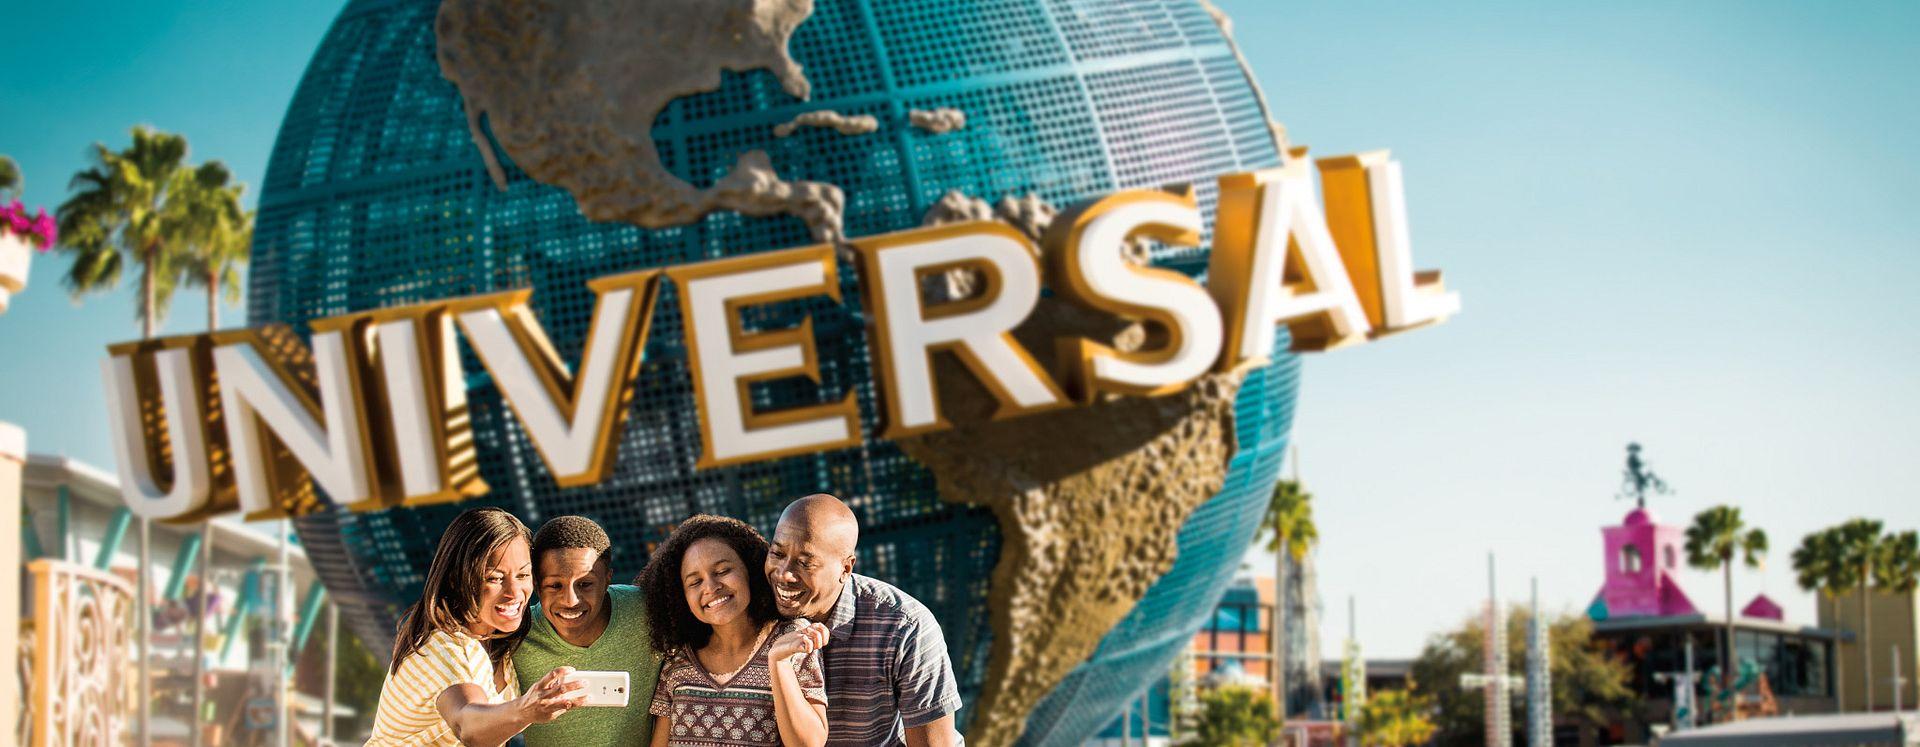 Família tirando foto na frente do Universal Studios Orlando Globe